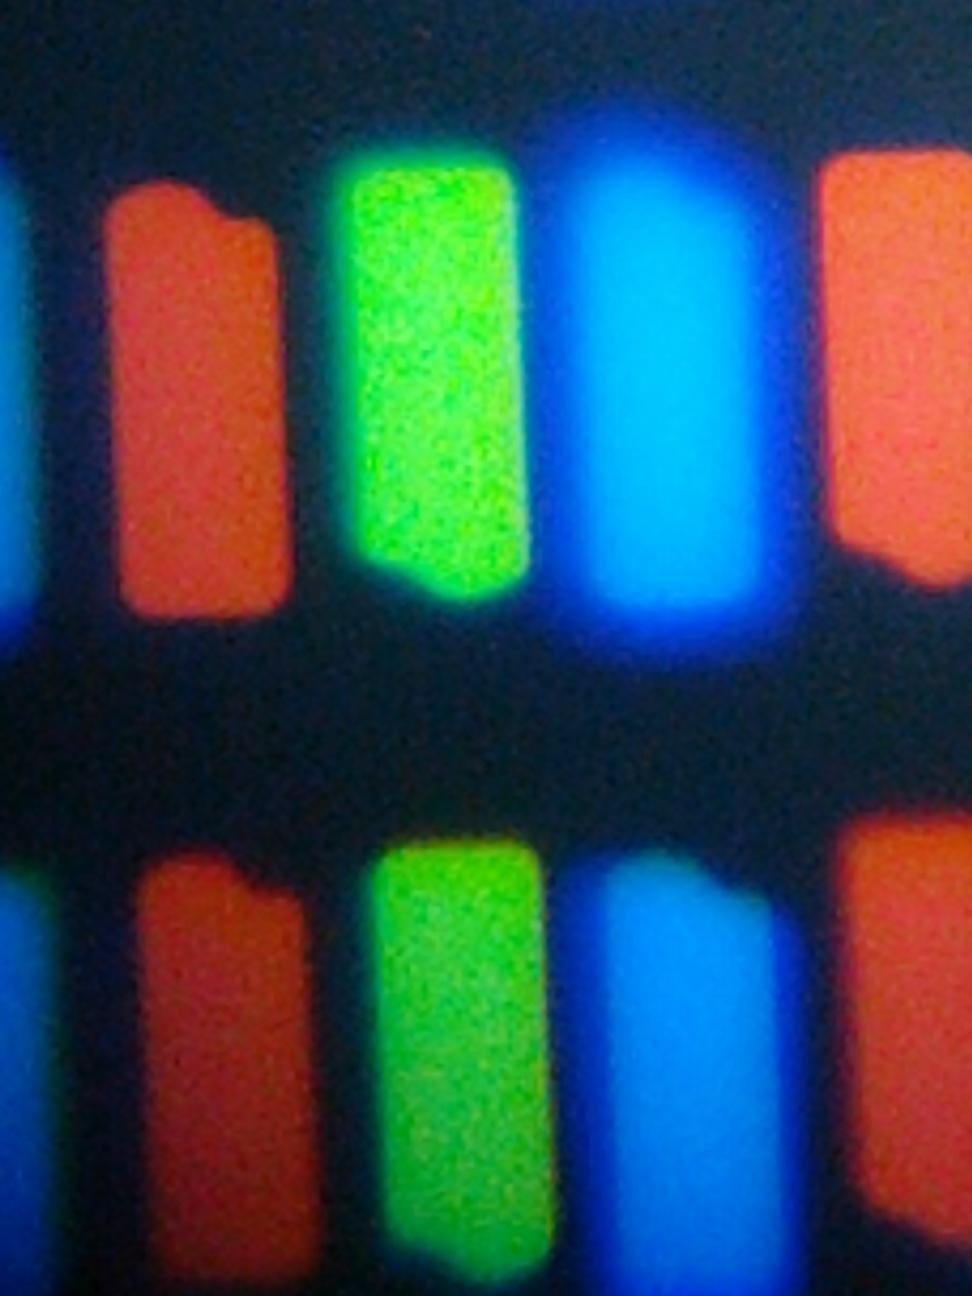 Pixels on an Asus Zenbook (modded Galaxy Nexus camera)